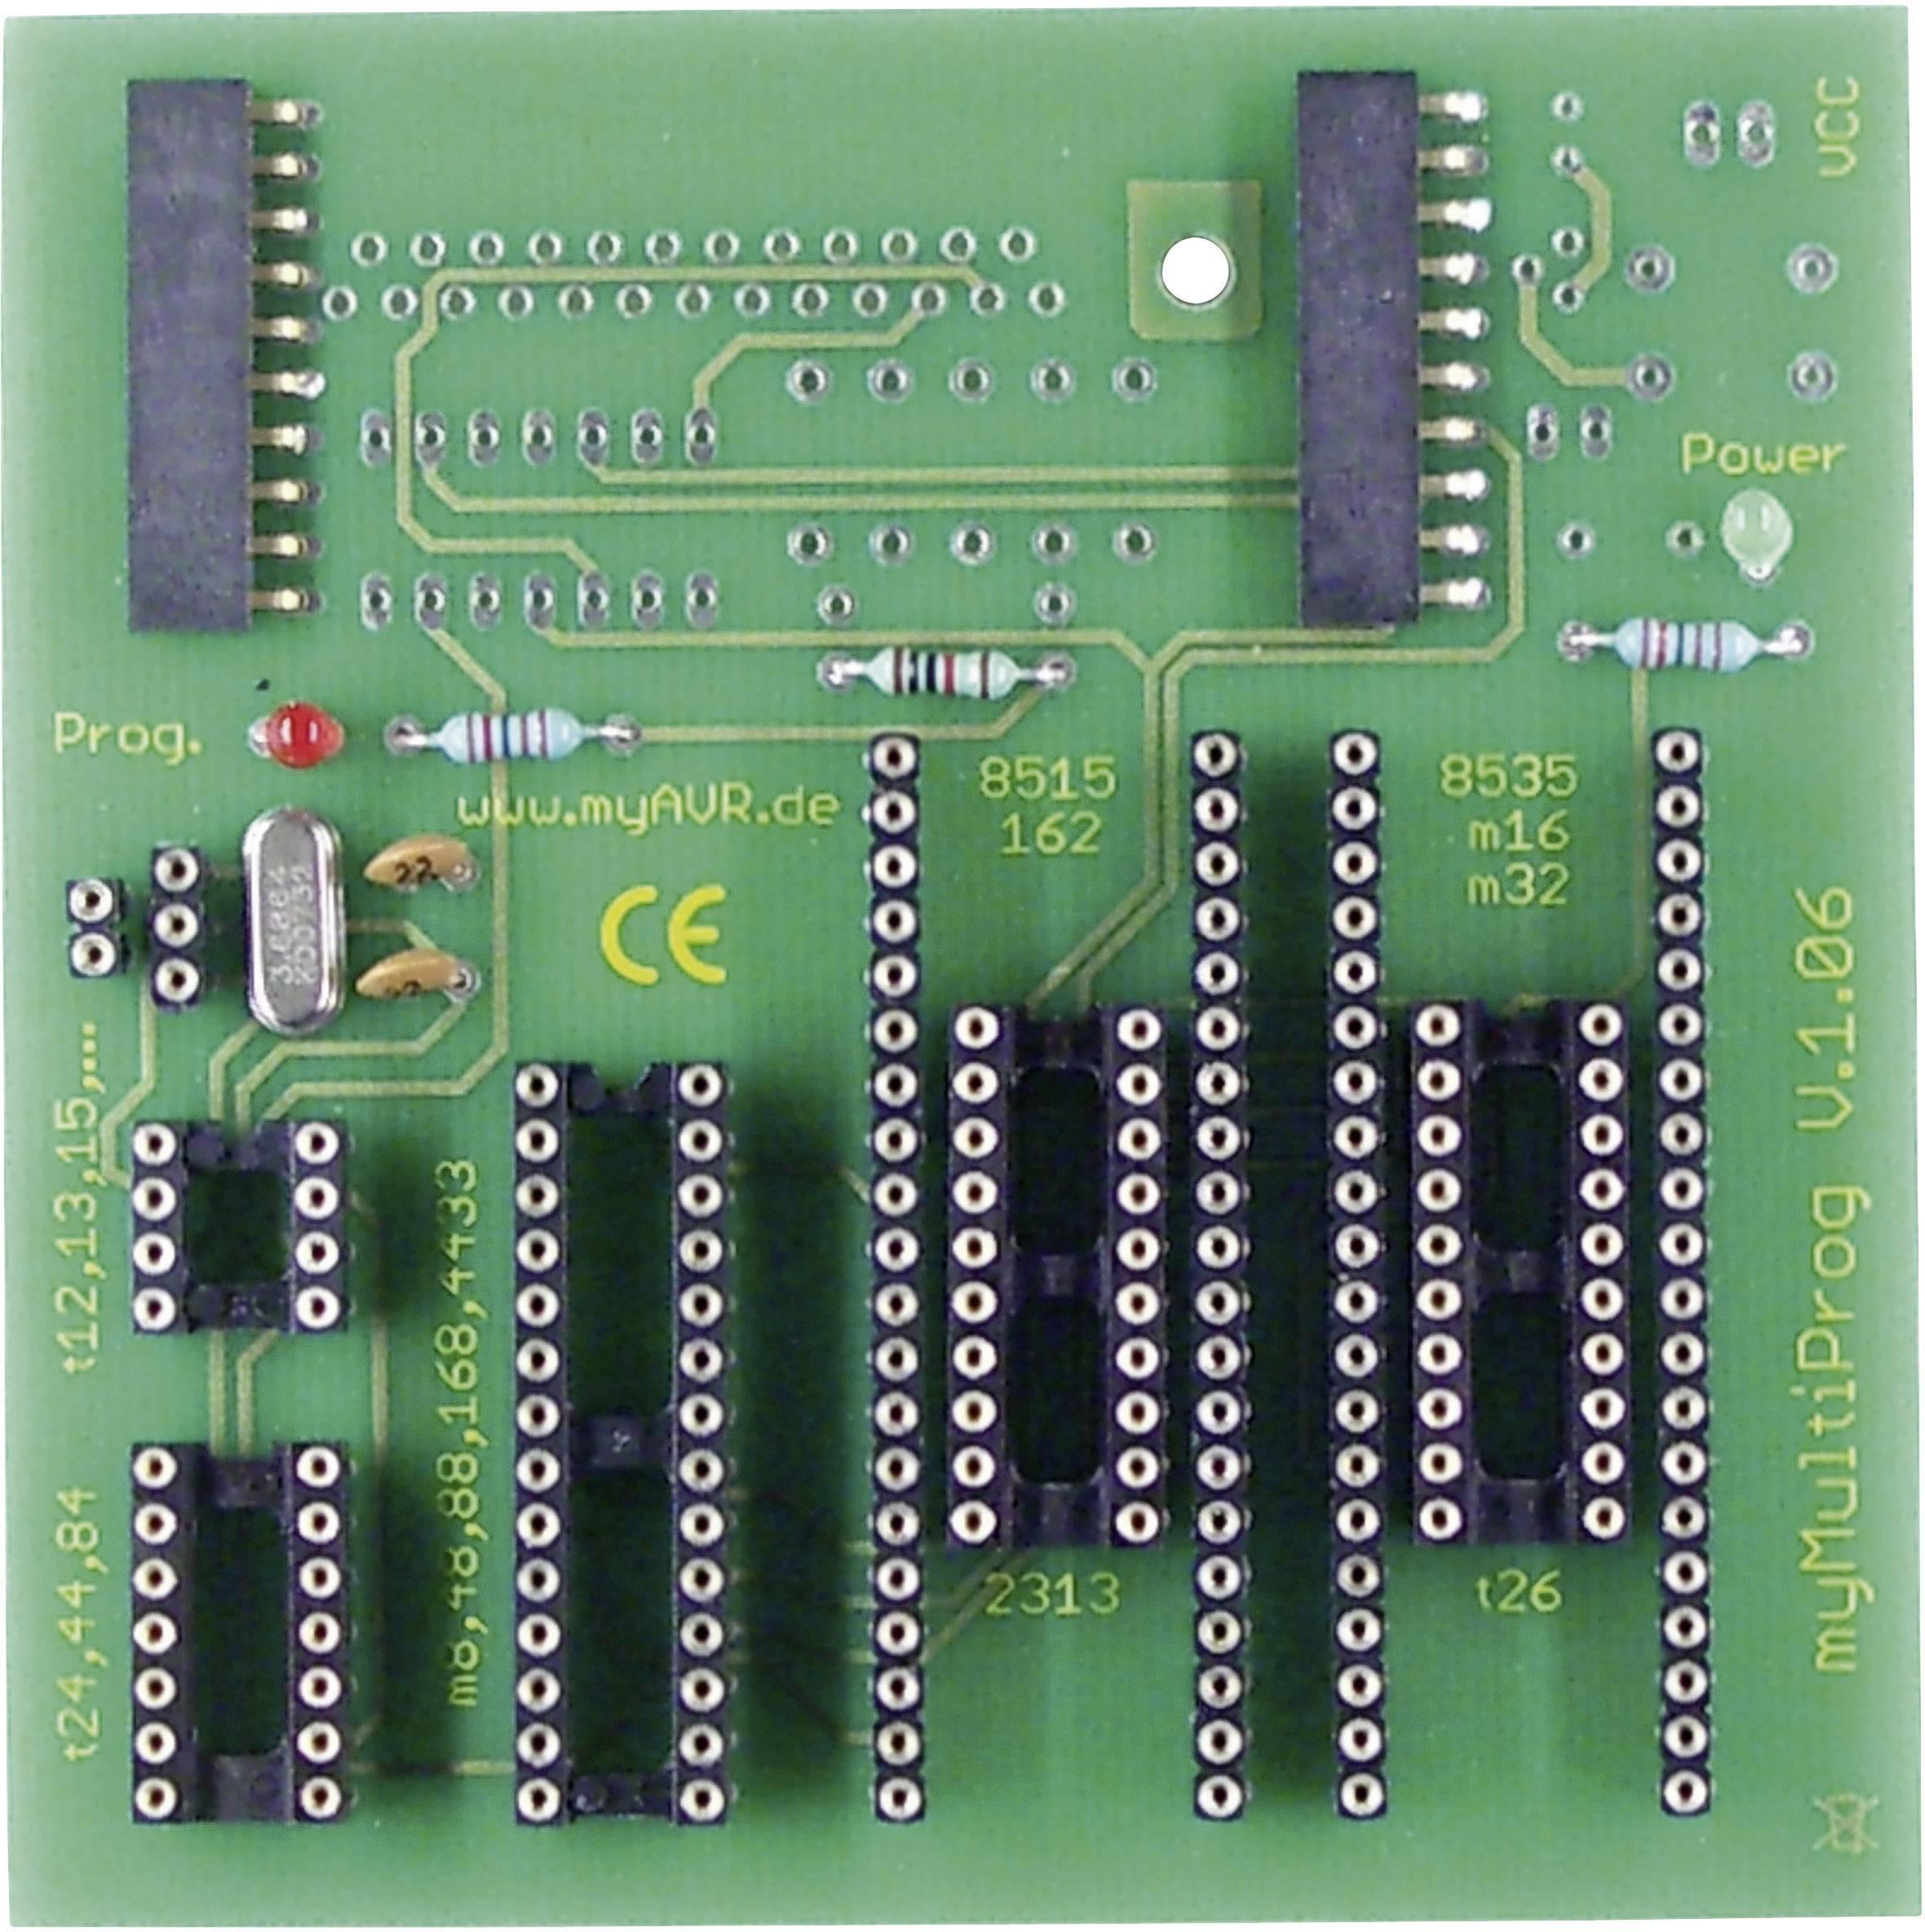 Univerzální USB kit myMultiProg MK2